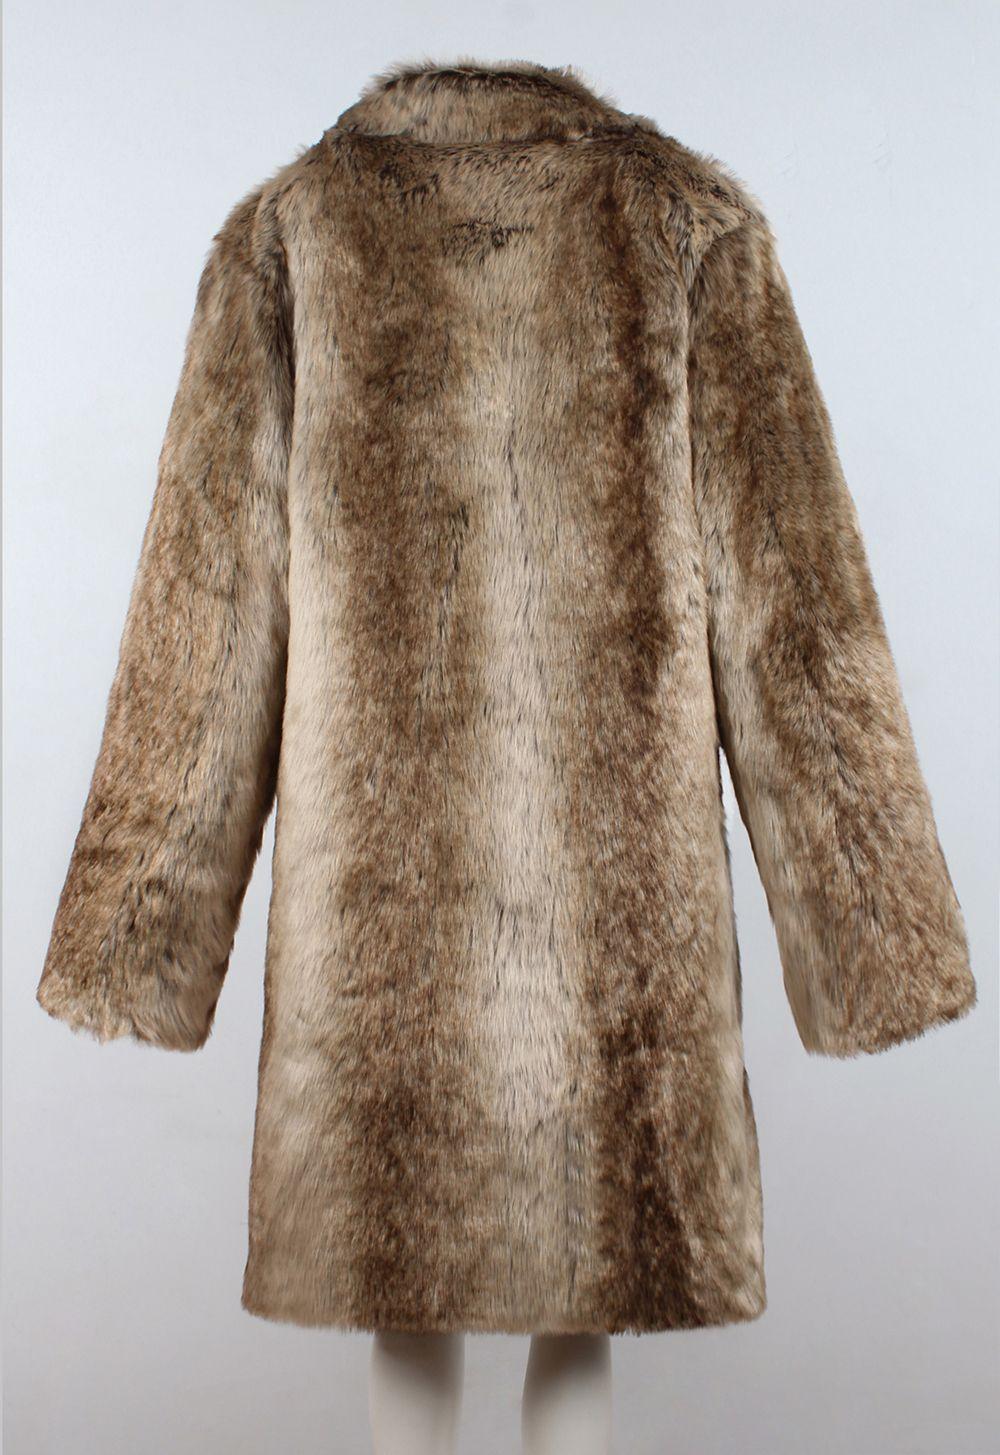 f2271debabd76 45% OFF] Men Faux Fur Coat Gradient Long Sleeve Oversized Collar ...